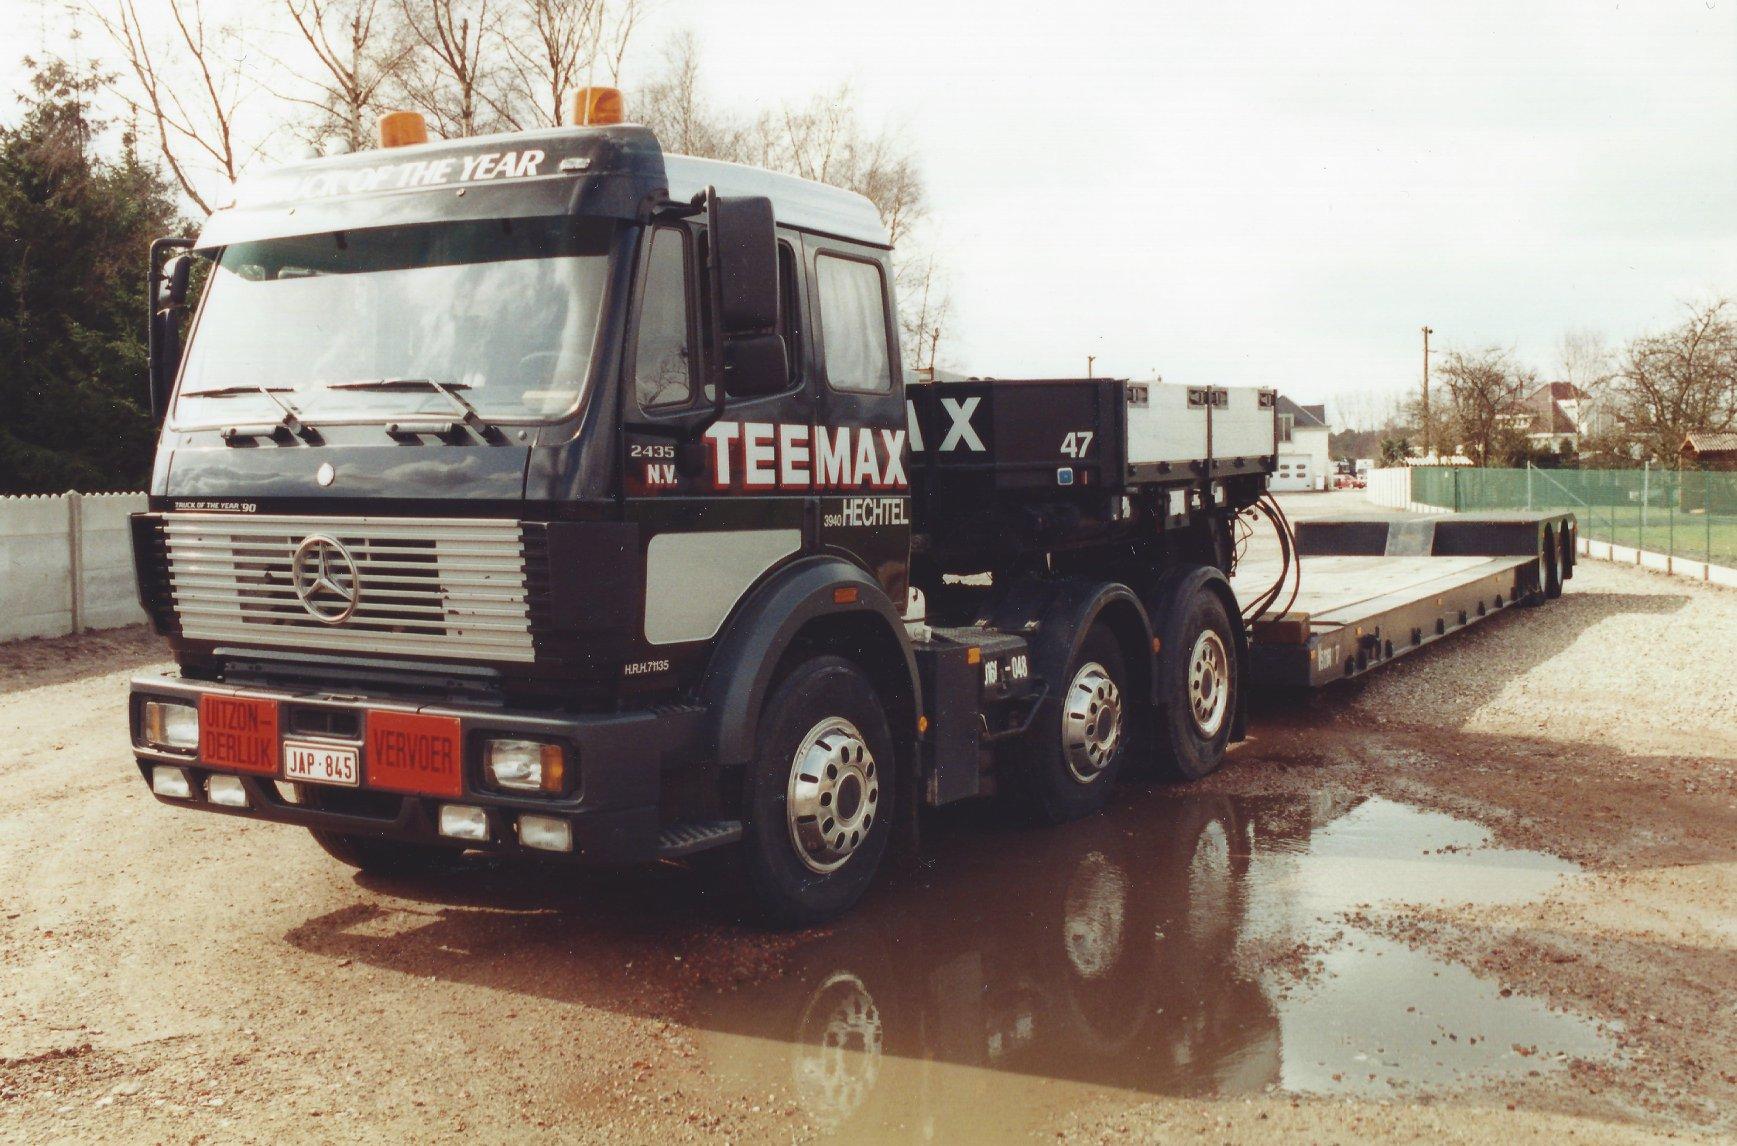 Mercedes-SK-2435